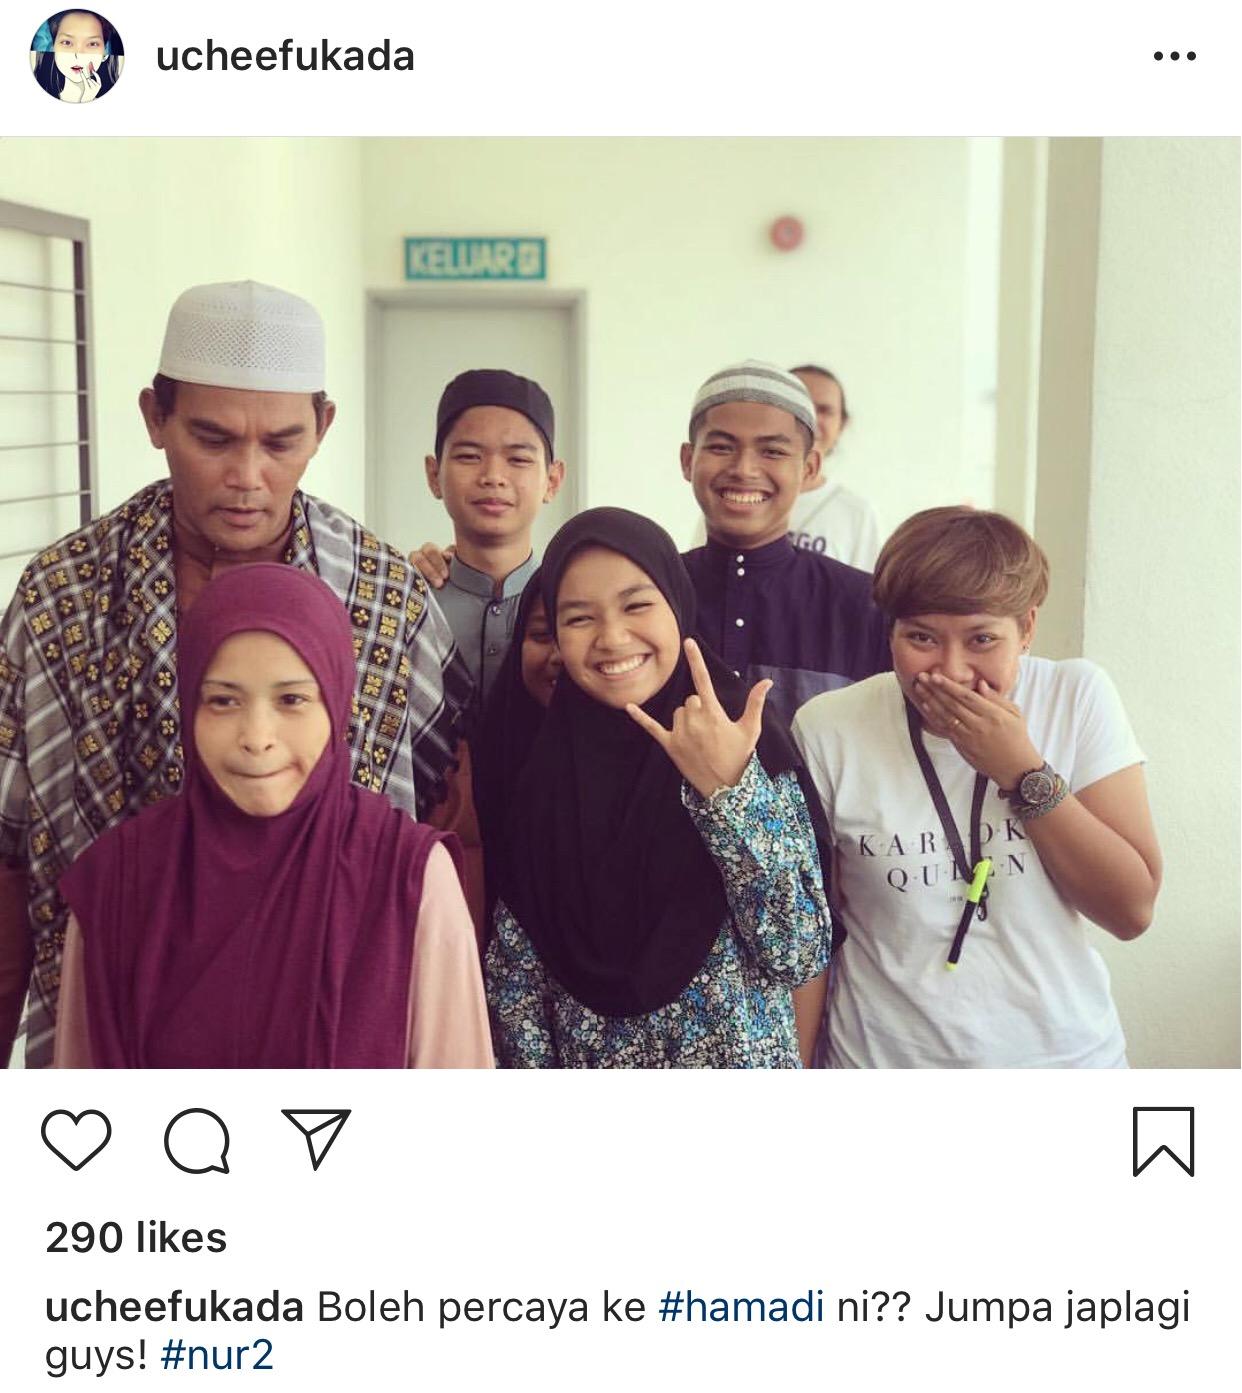 Image from Instagram @ucheefukada